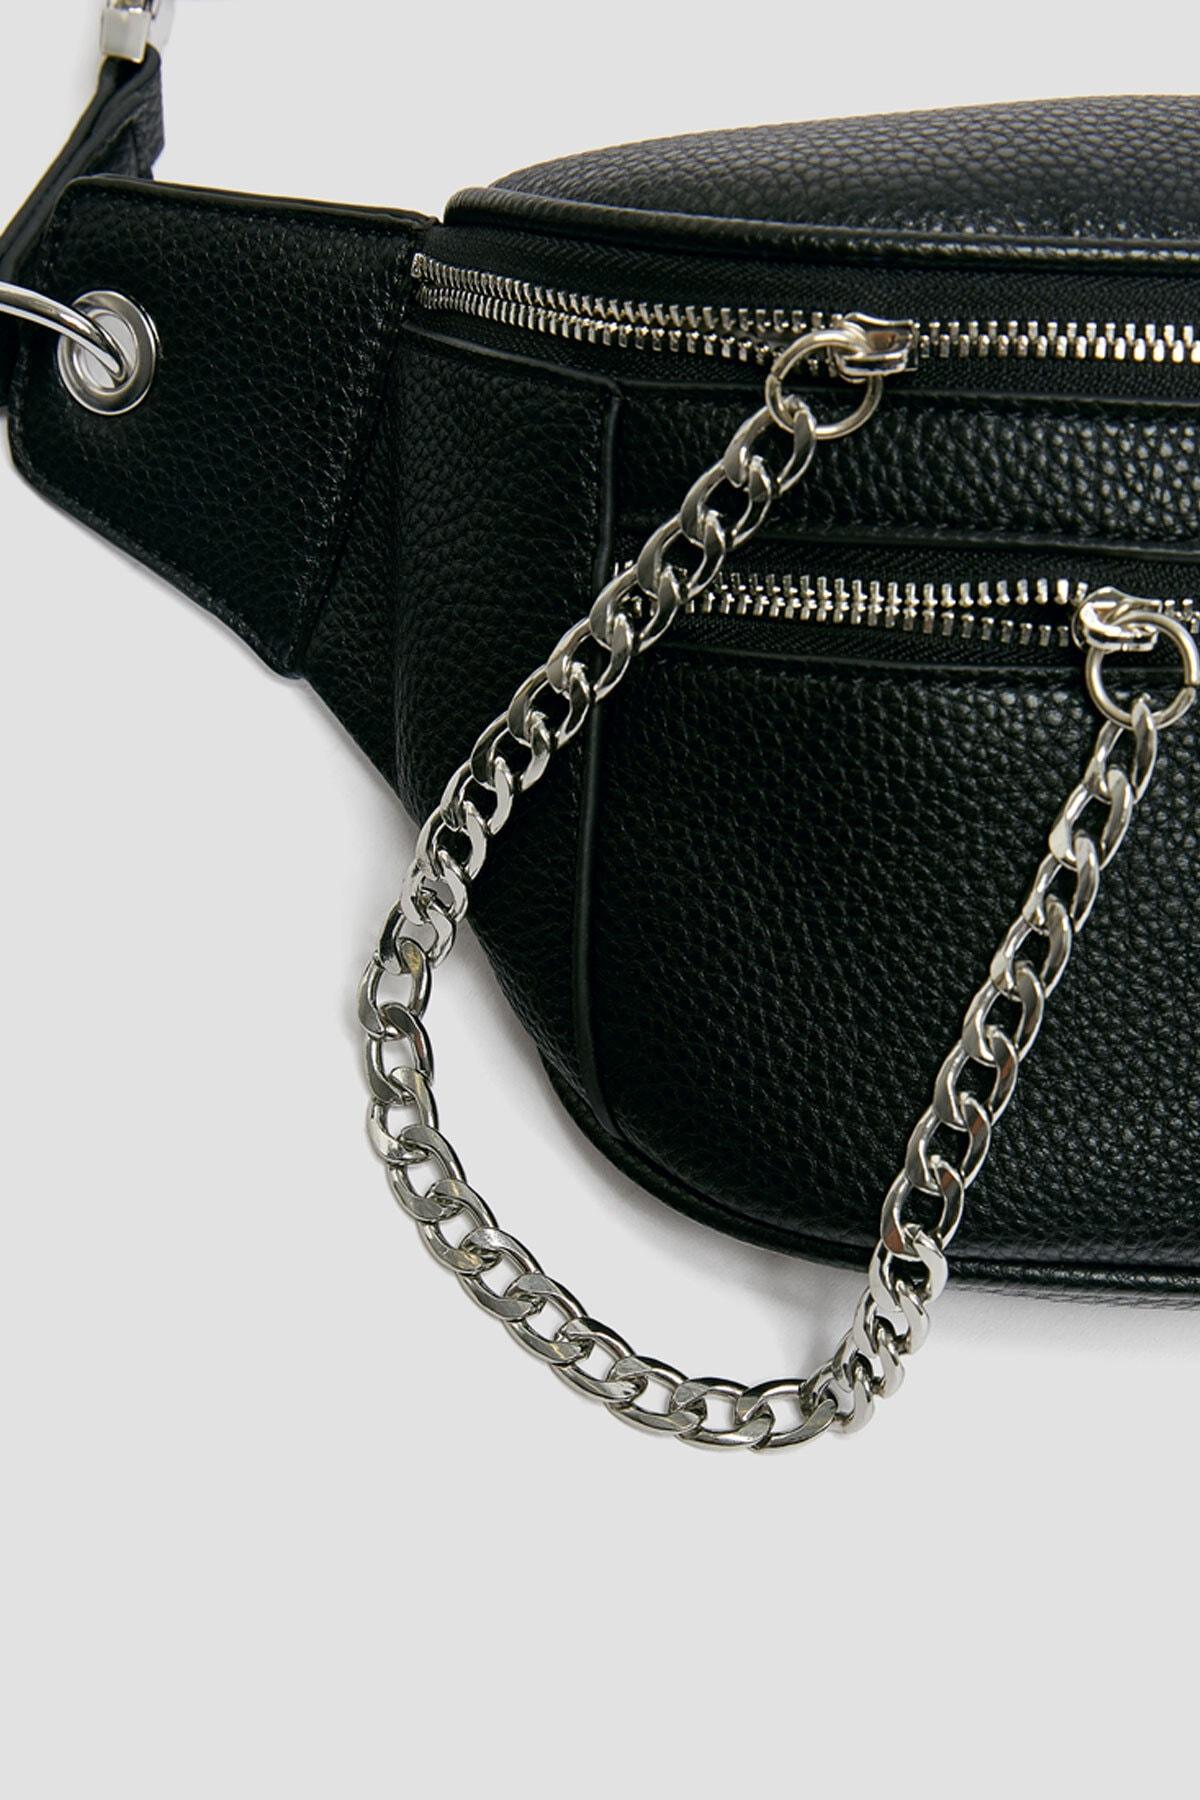 Pull & Bear Kadın Siyah Zincir Detaylı Bel Çantası 14007640 2